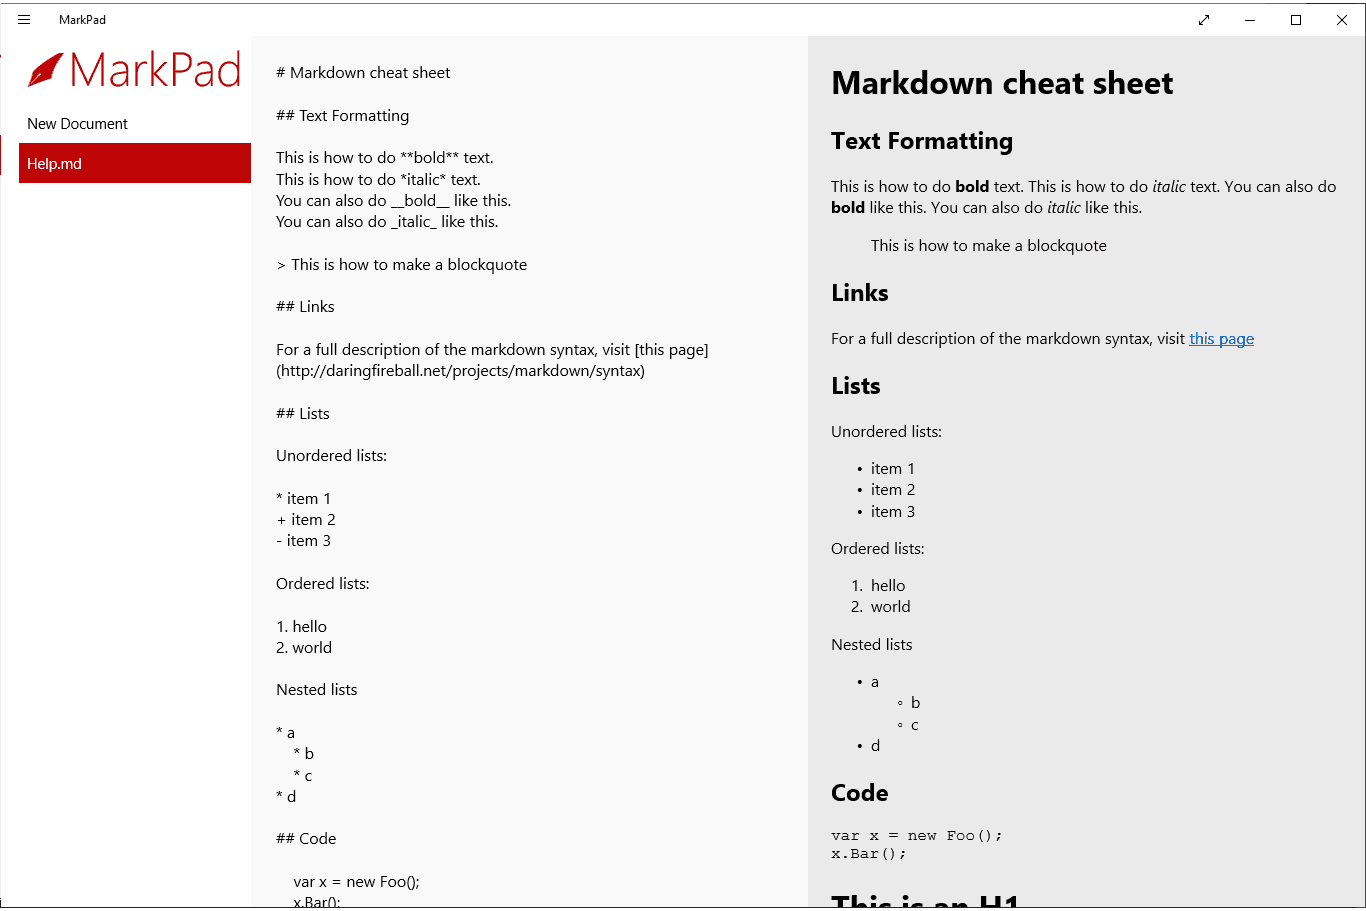 MD file open in MarkPad in Windows 10